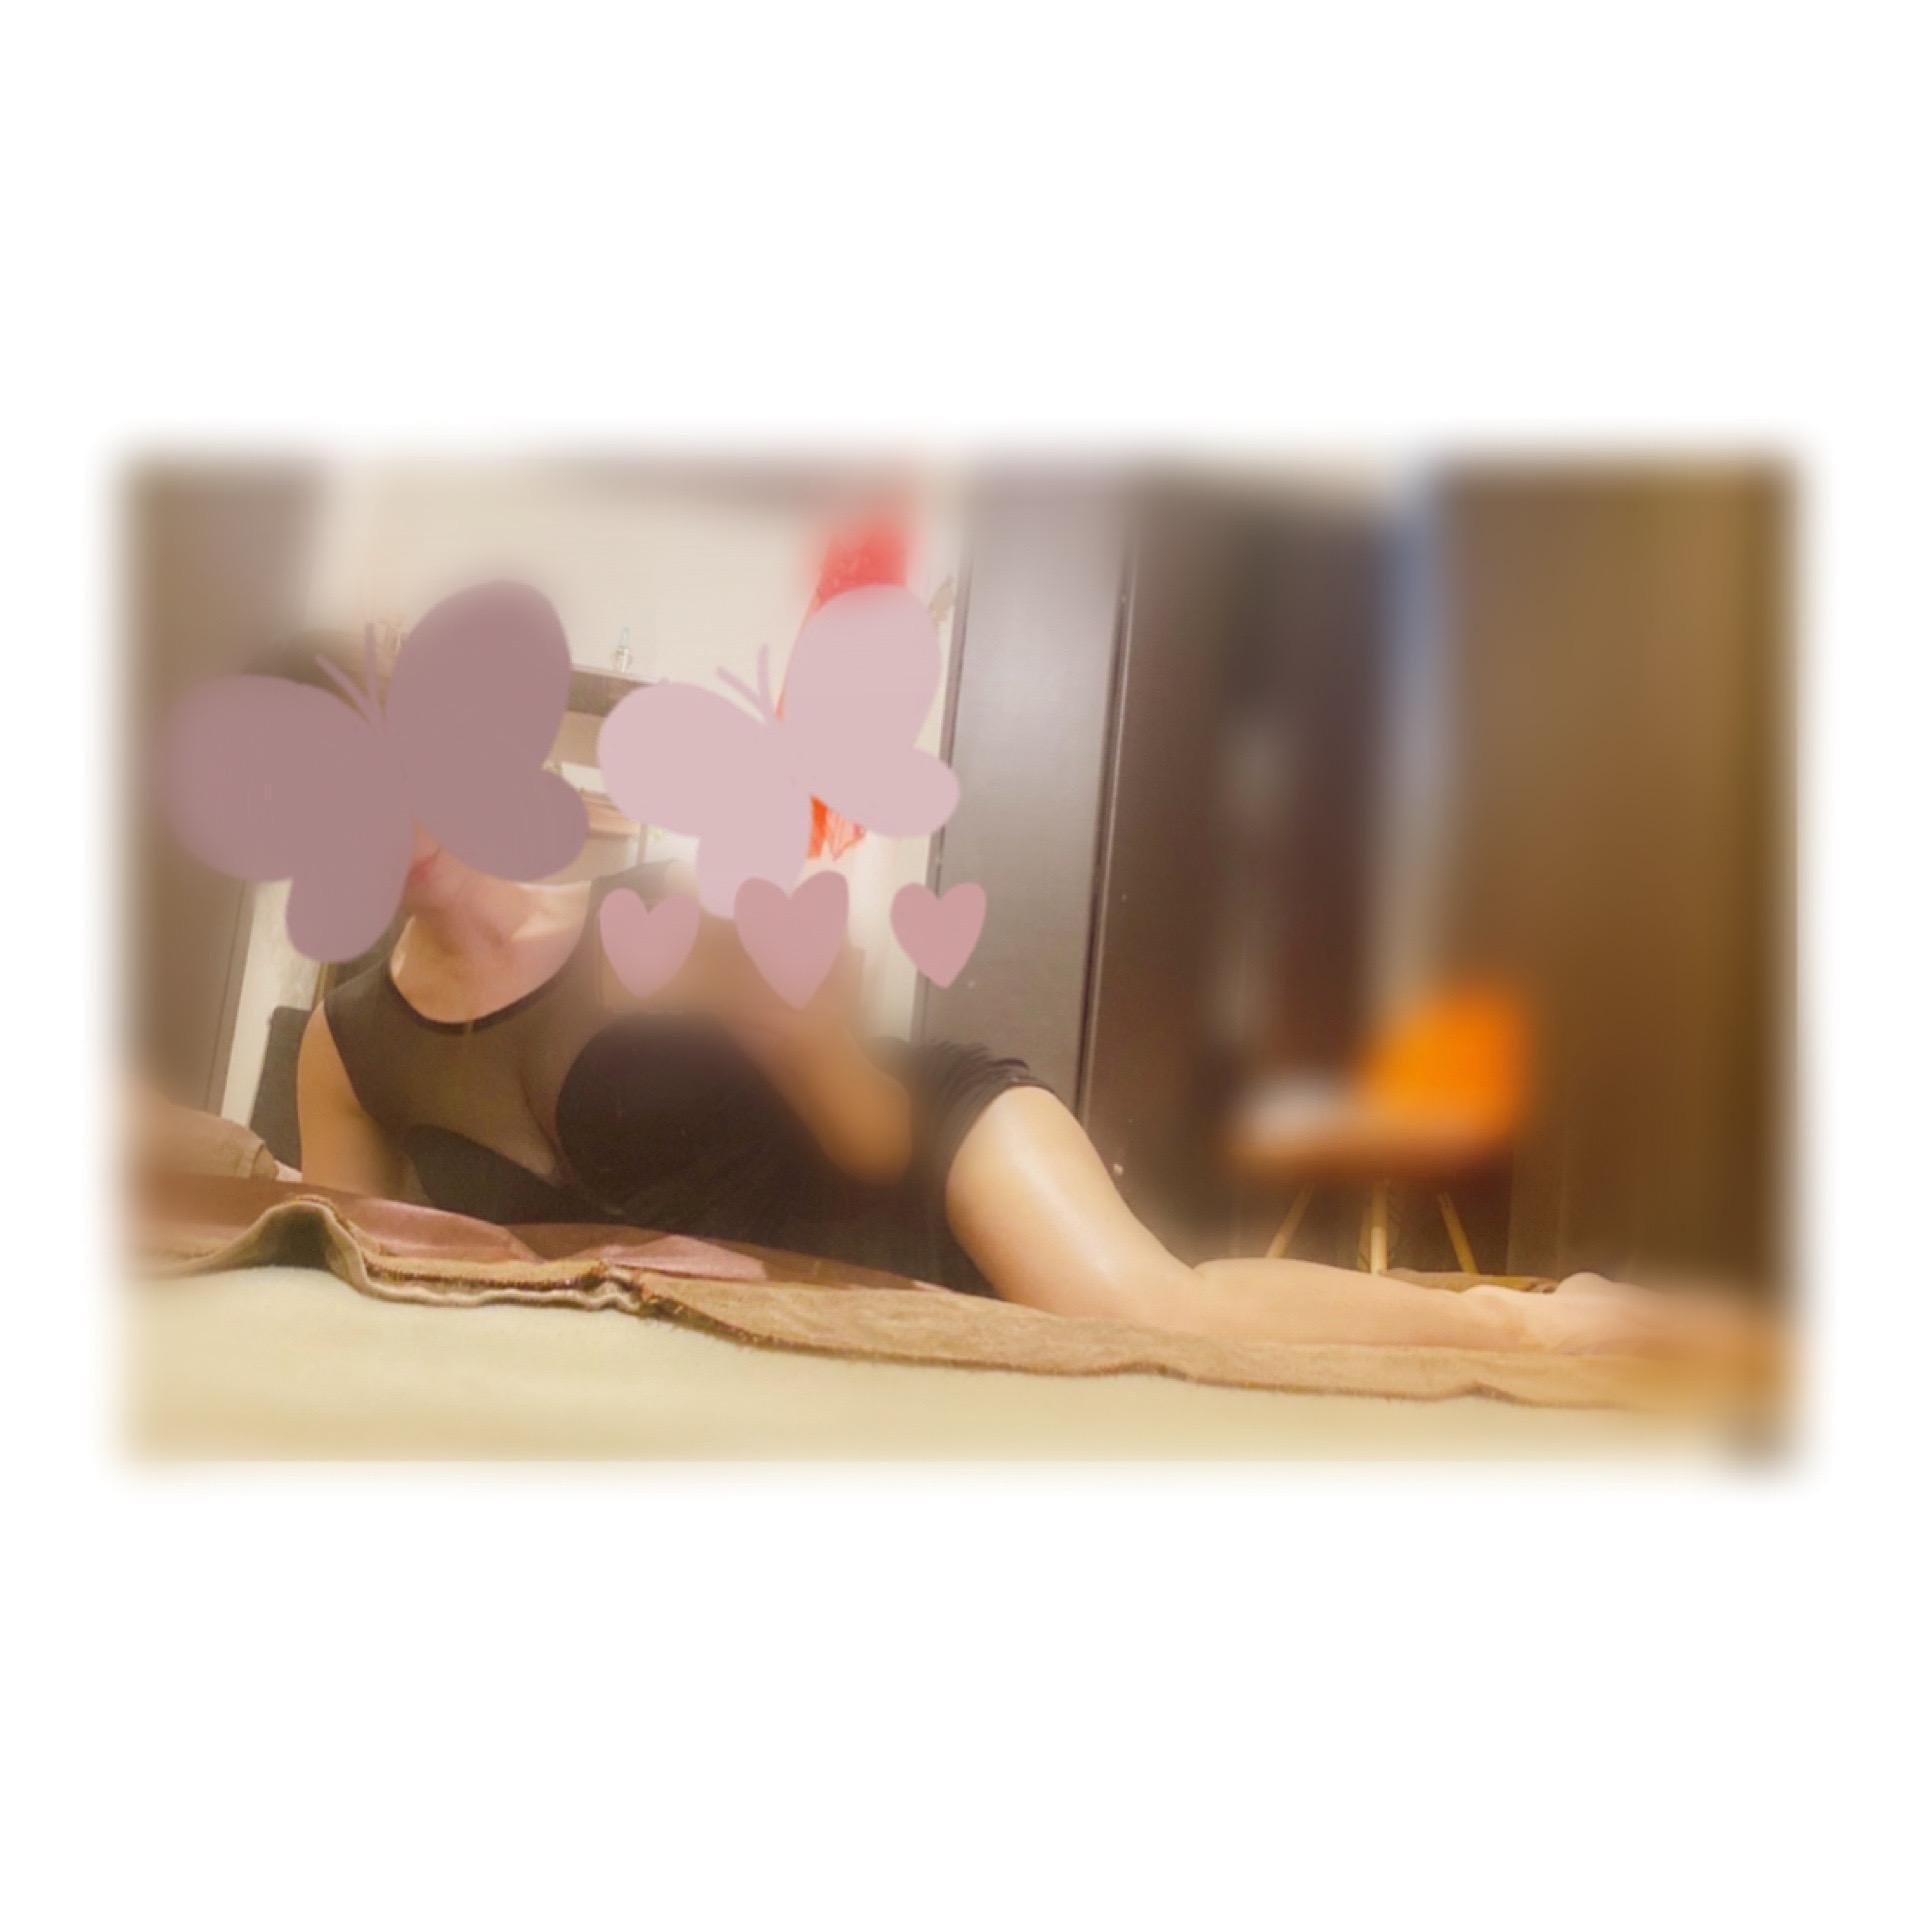 「\(//∇//)\❤︎...」10/18(月) 10:35 | 美琴(みこと)☆S-rankの写メ日記